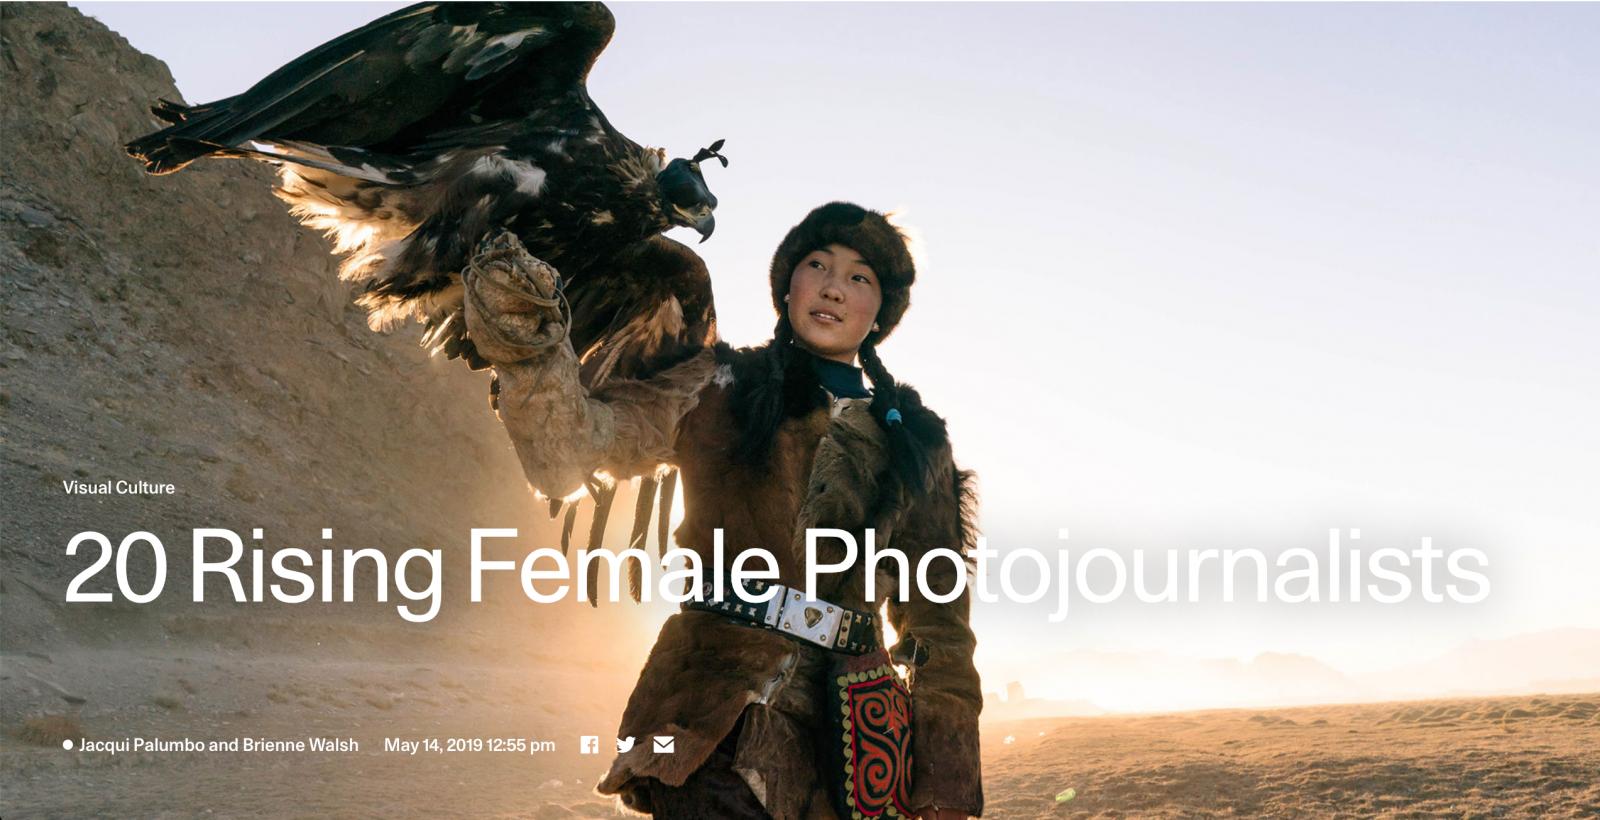 Photography image - Loading Screenshot_2019-05-30_at_00.57.16.png